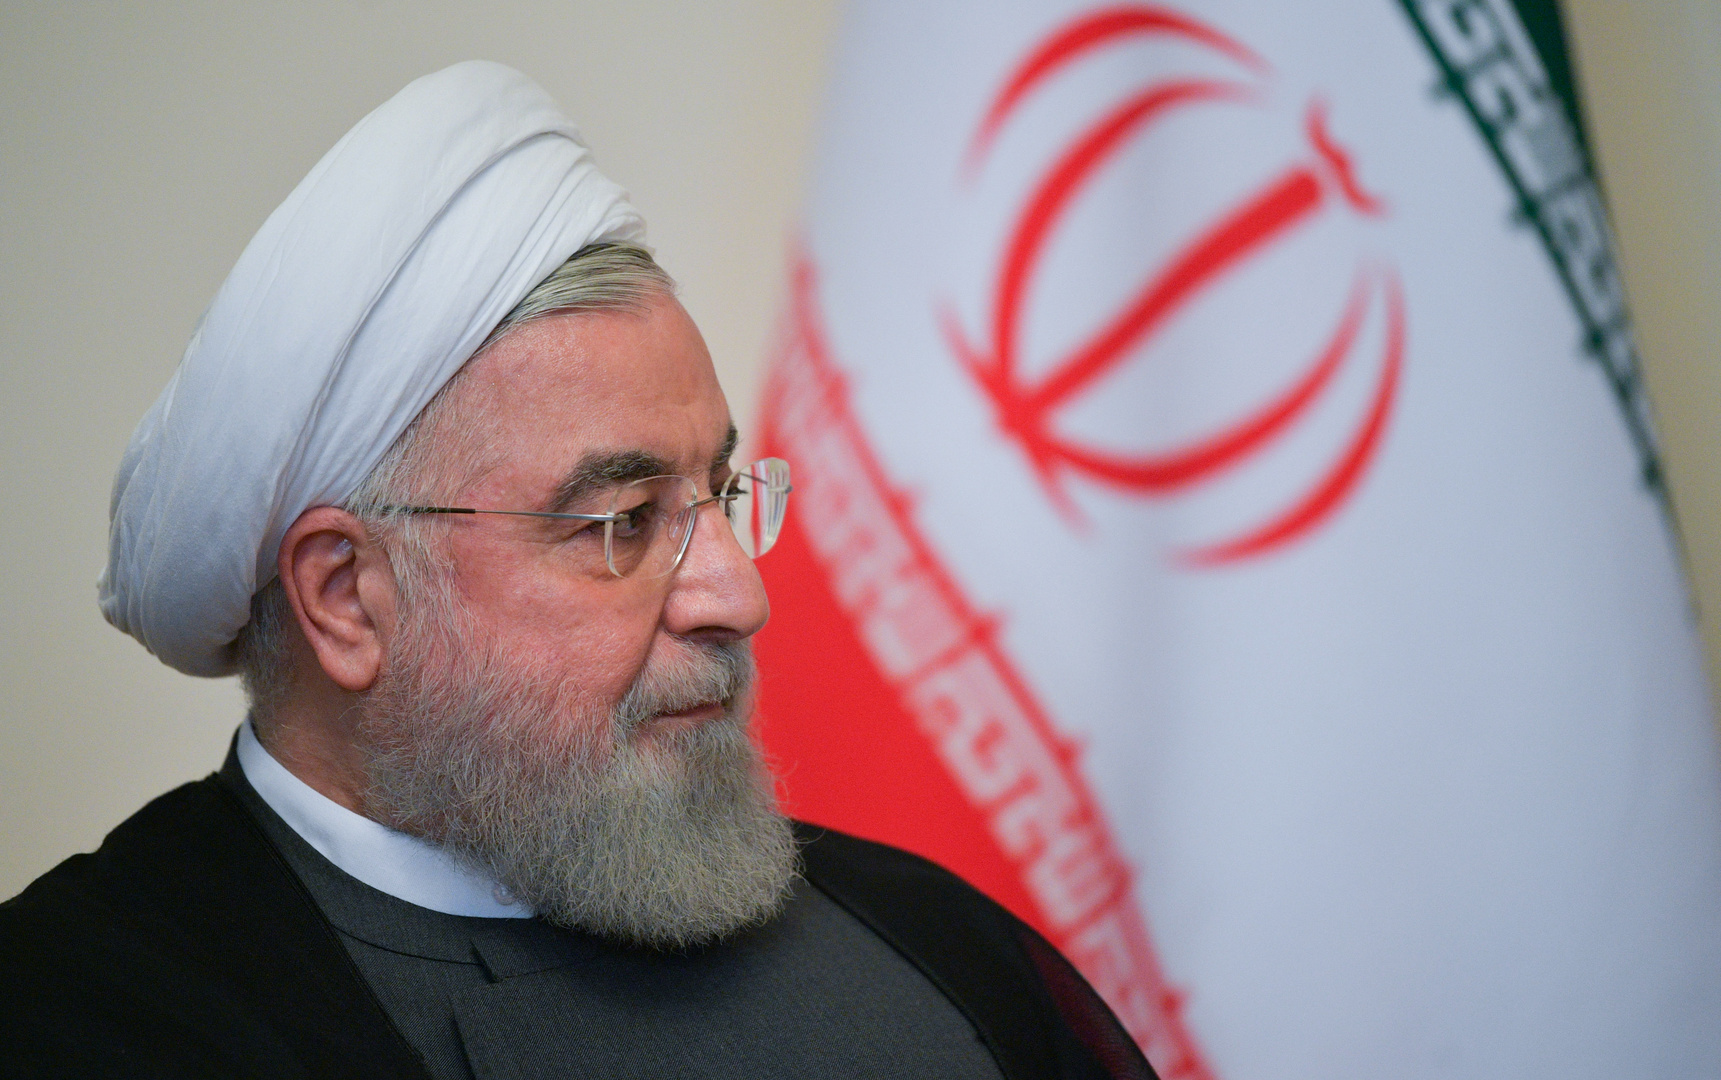 روحاني: المسؤول عن إسقاط الطائرة الأوكرانية يجب أن يحاسب بمعزل عن منصبه